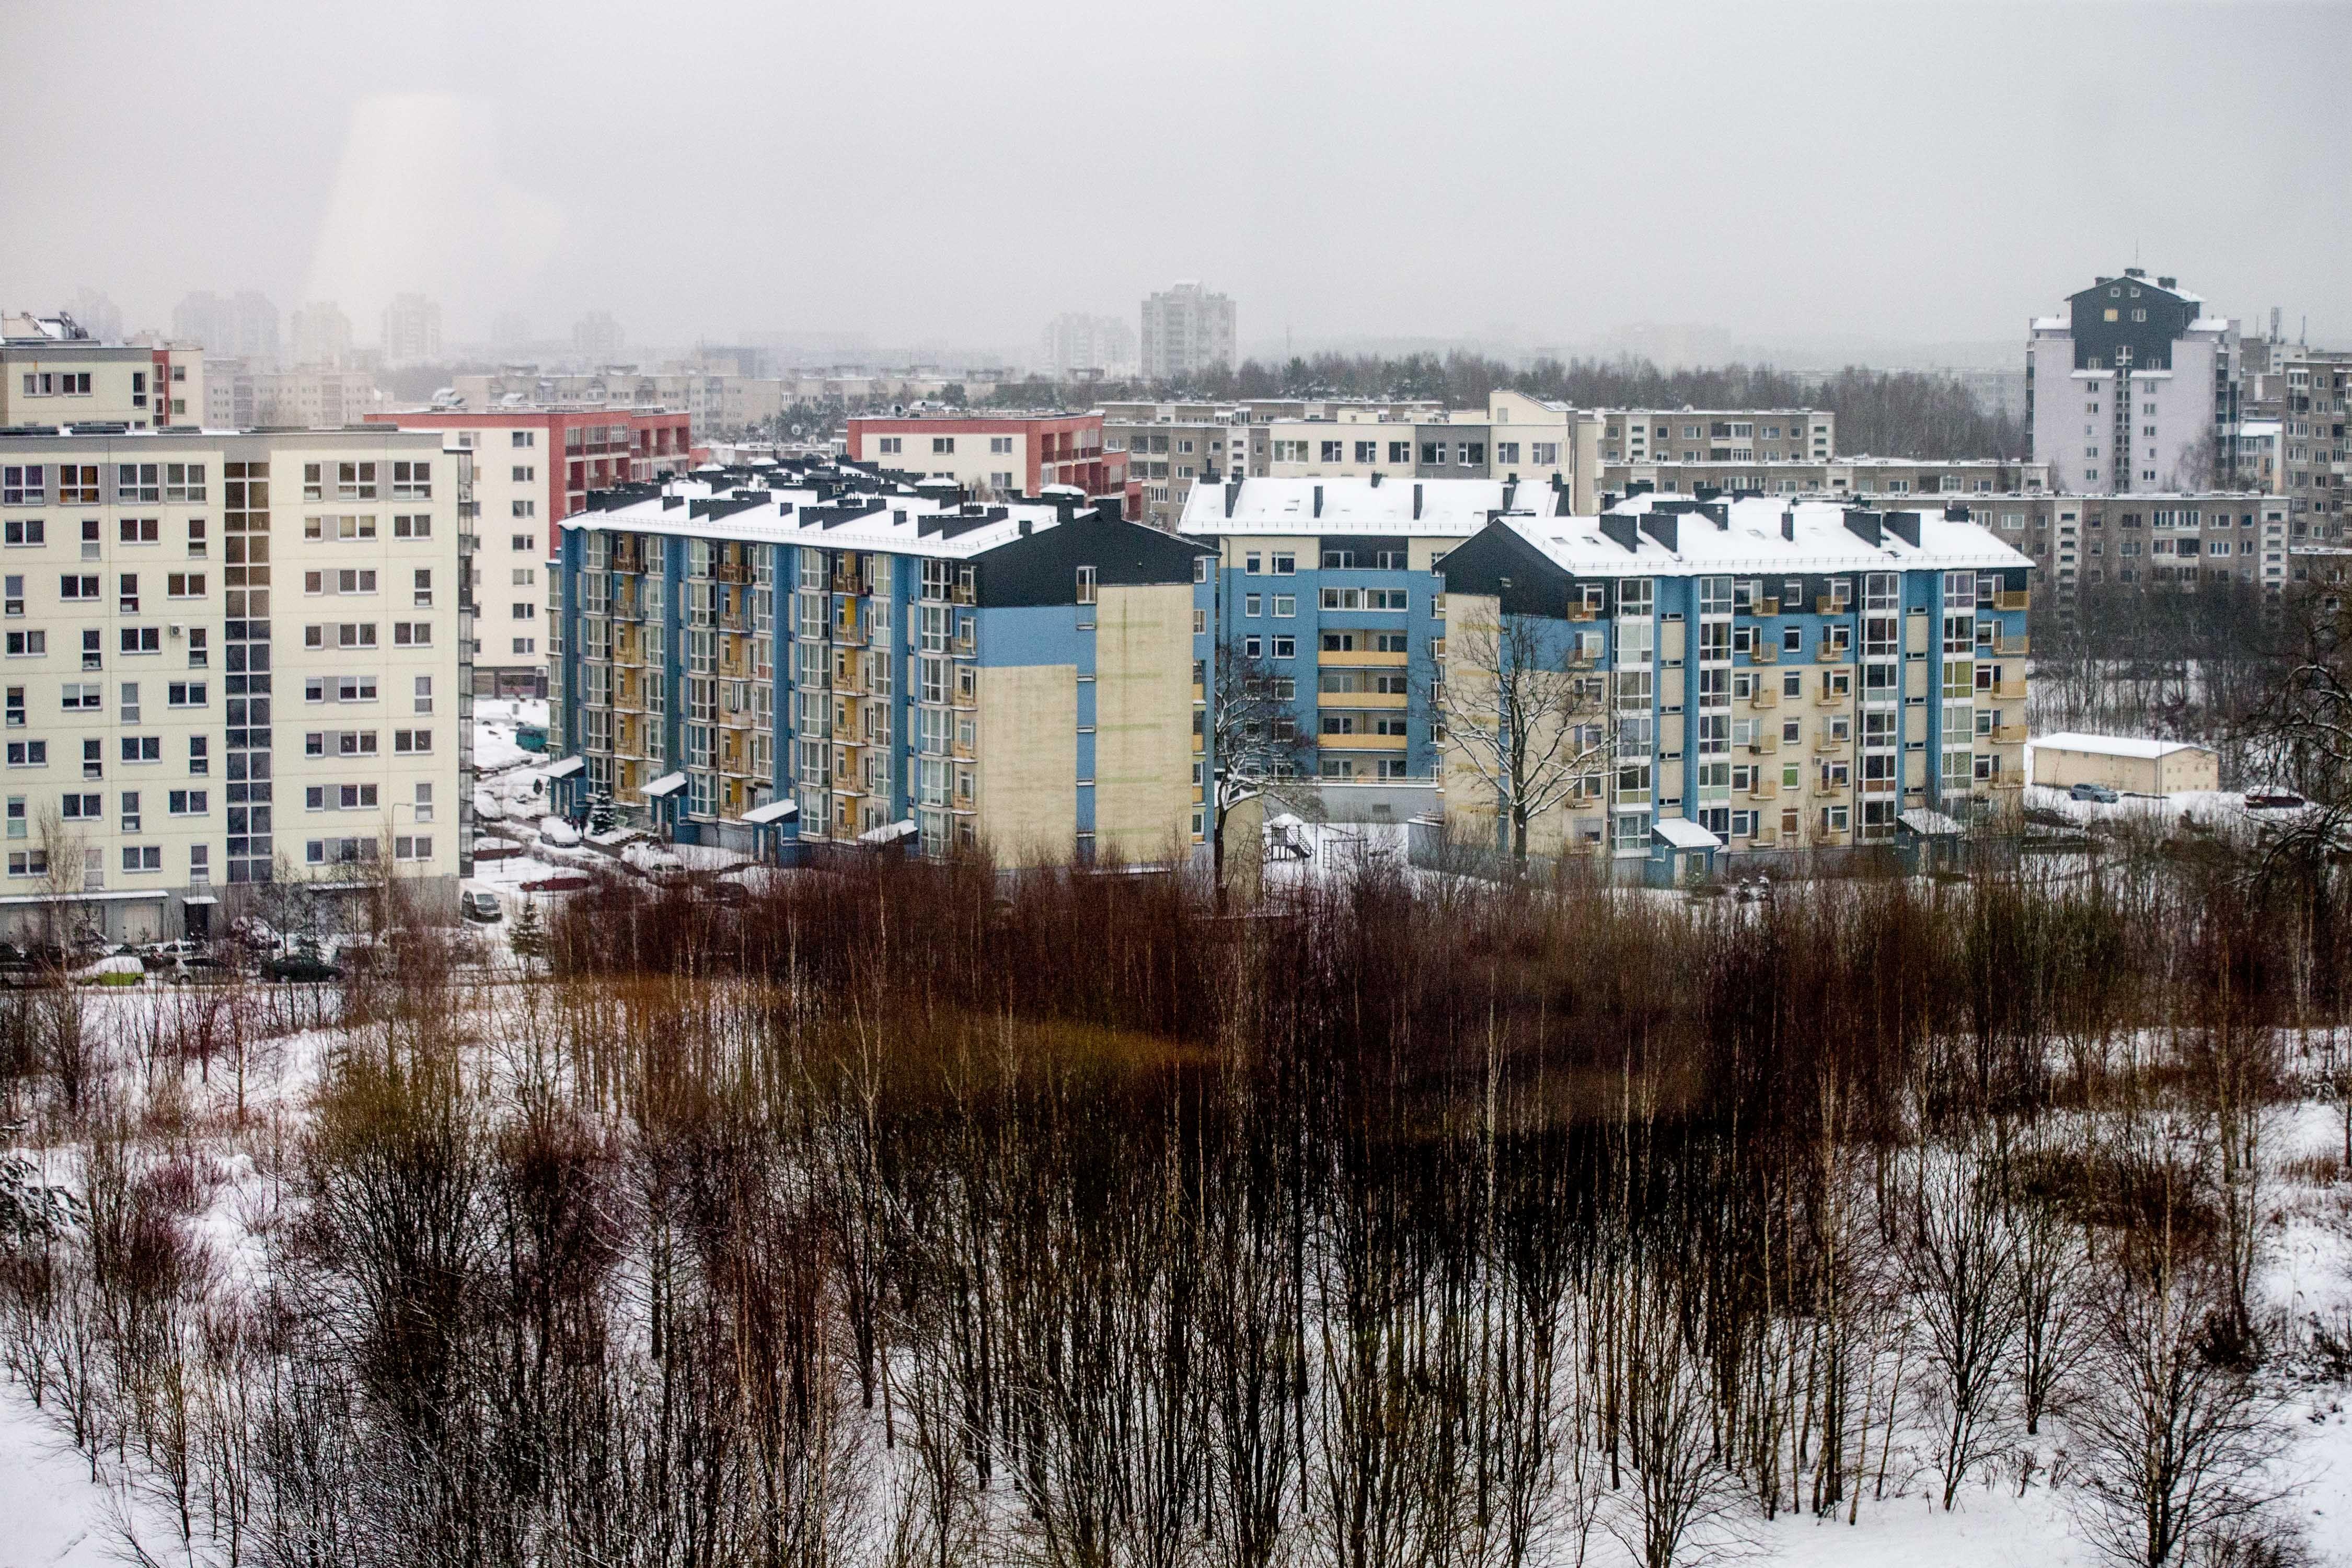 Alternatyvios investicijos: Lietuva būsto kainų augimu lenkia pasaulį